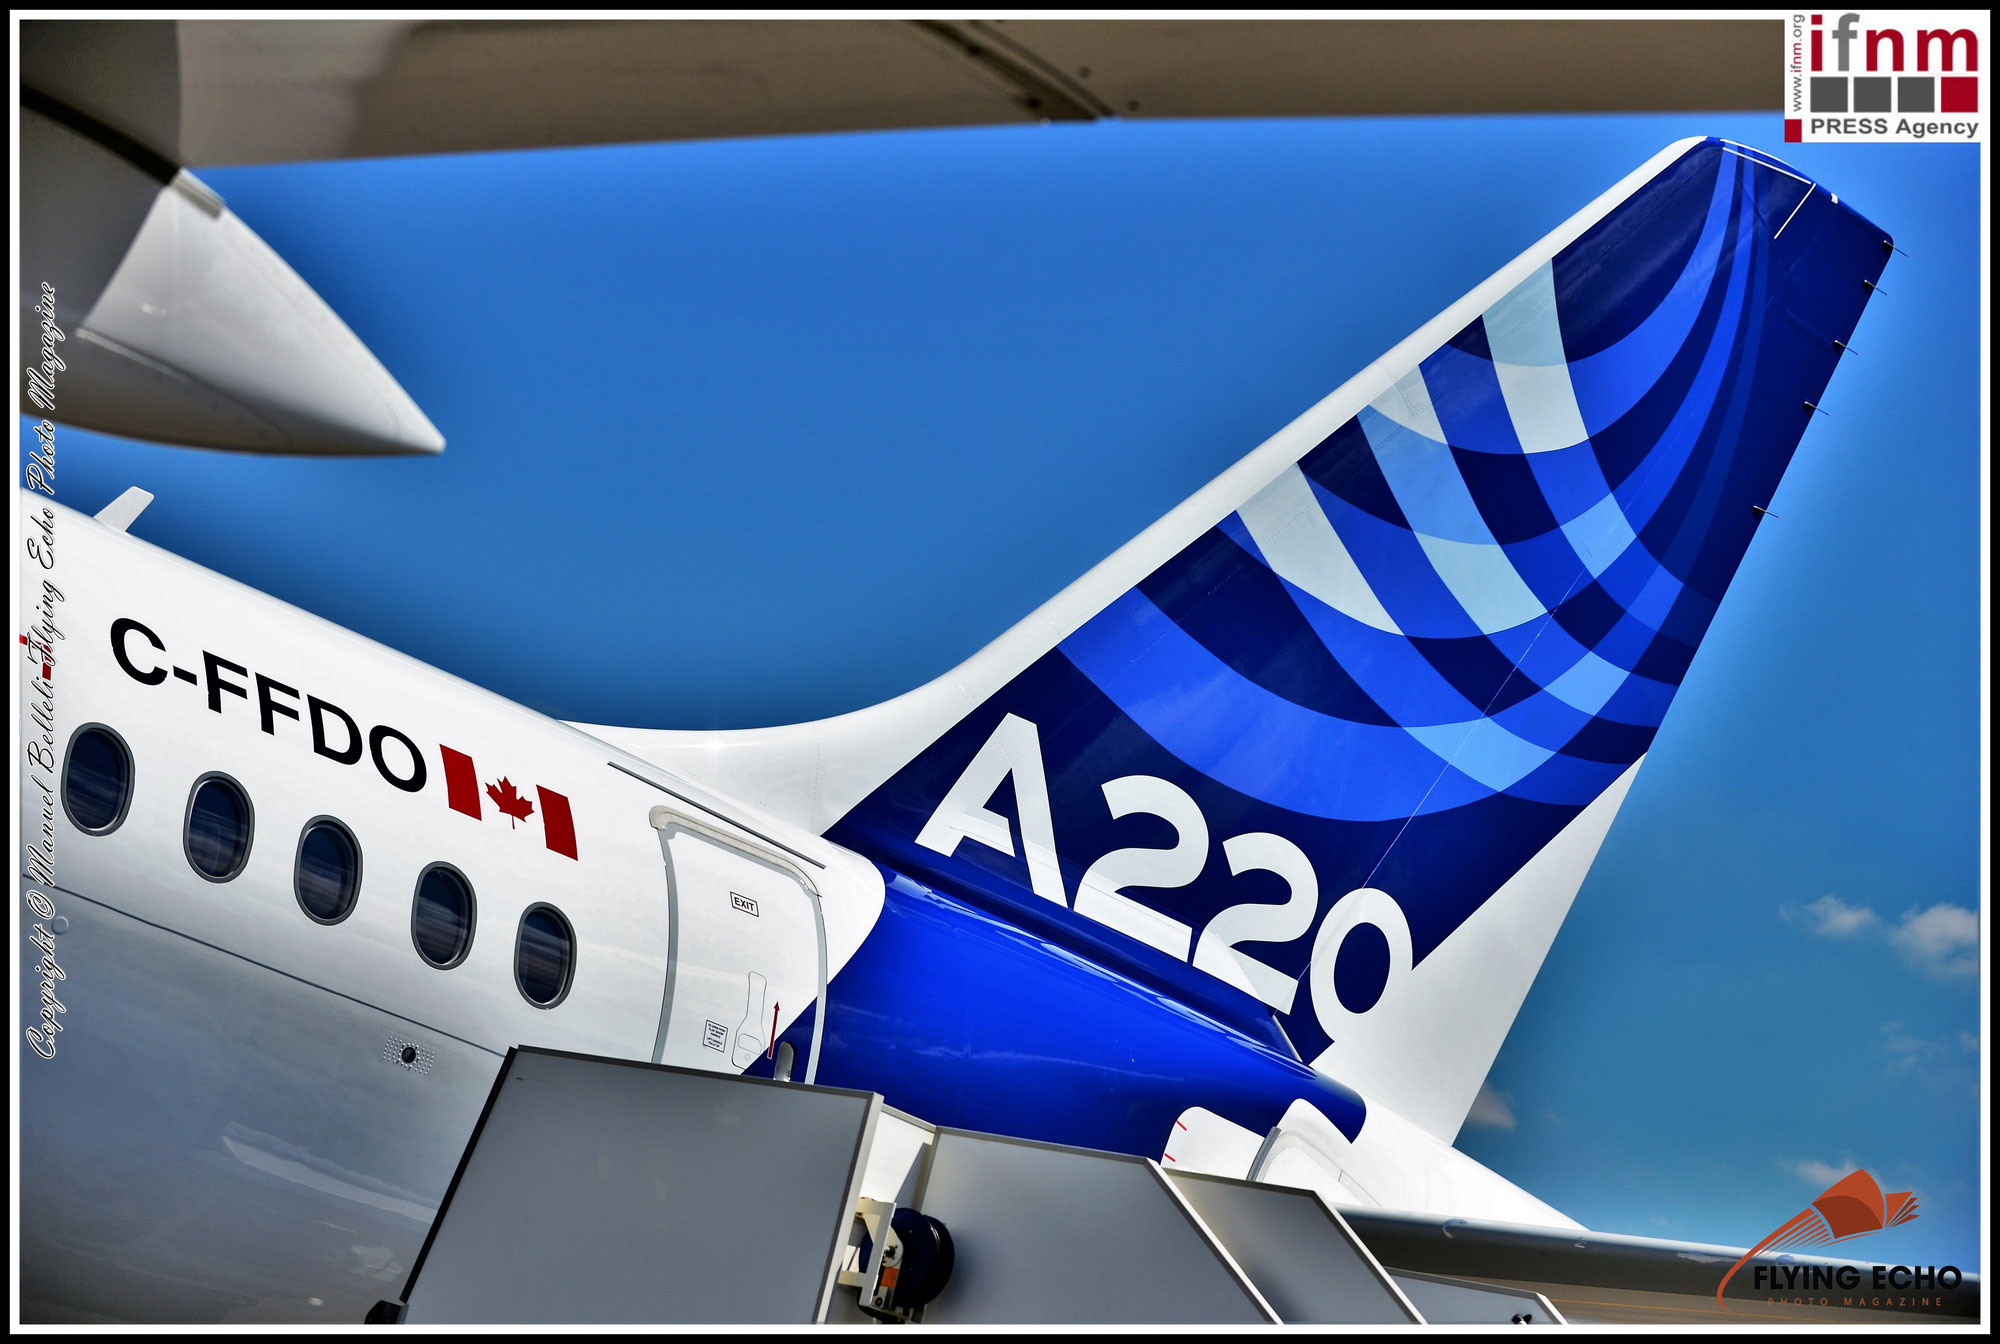 Air France prépare l'arrivée de l'Airbus A220 / Air France prepares for the arrival of the Airbus A220